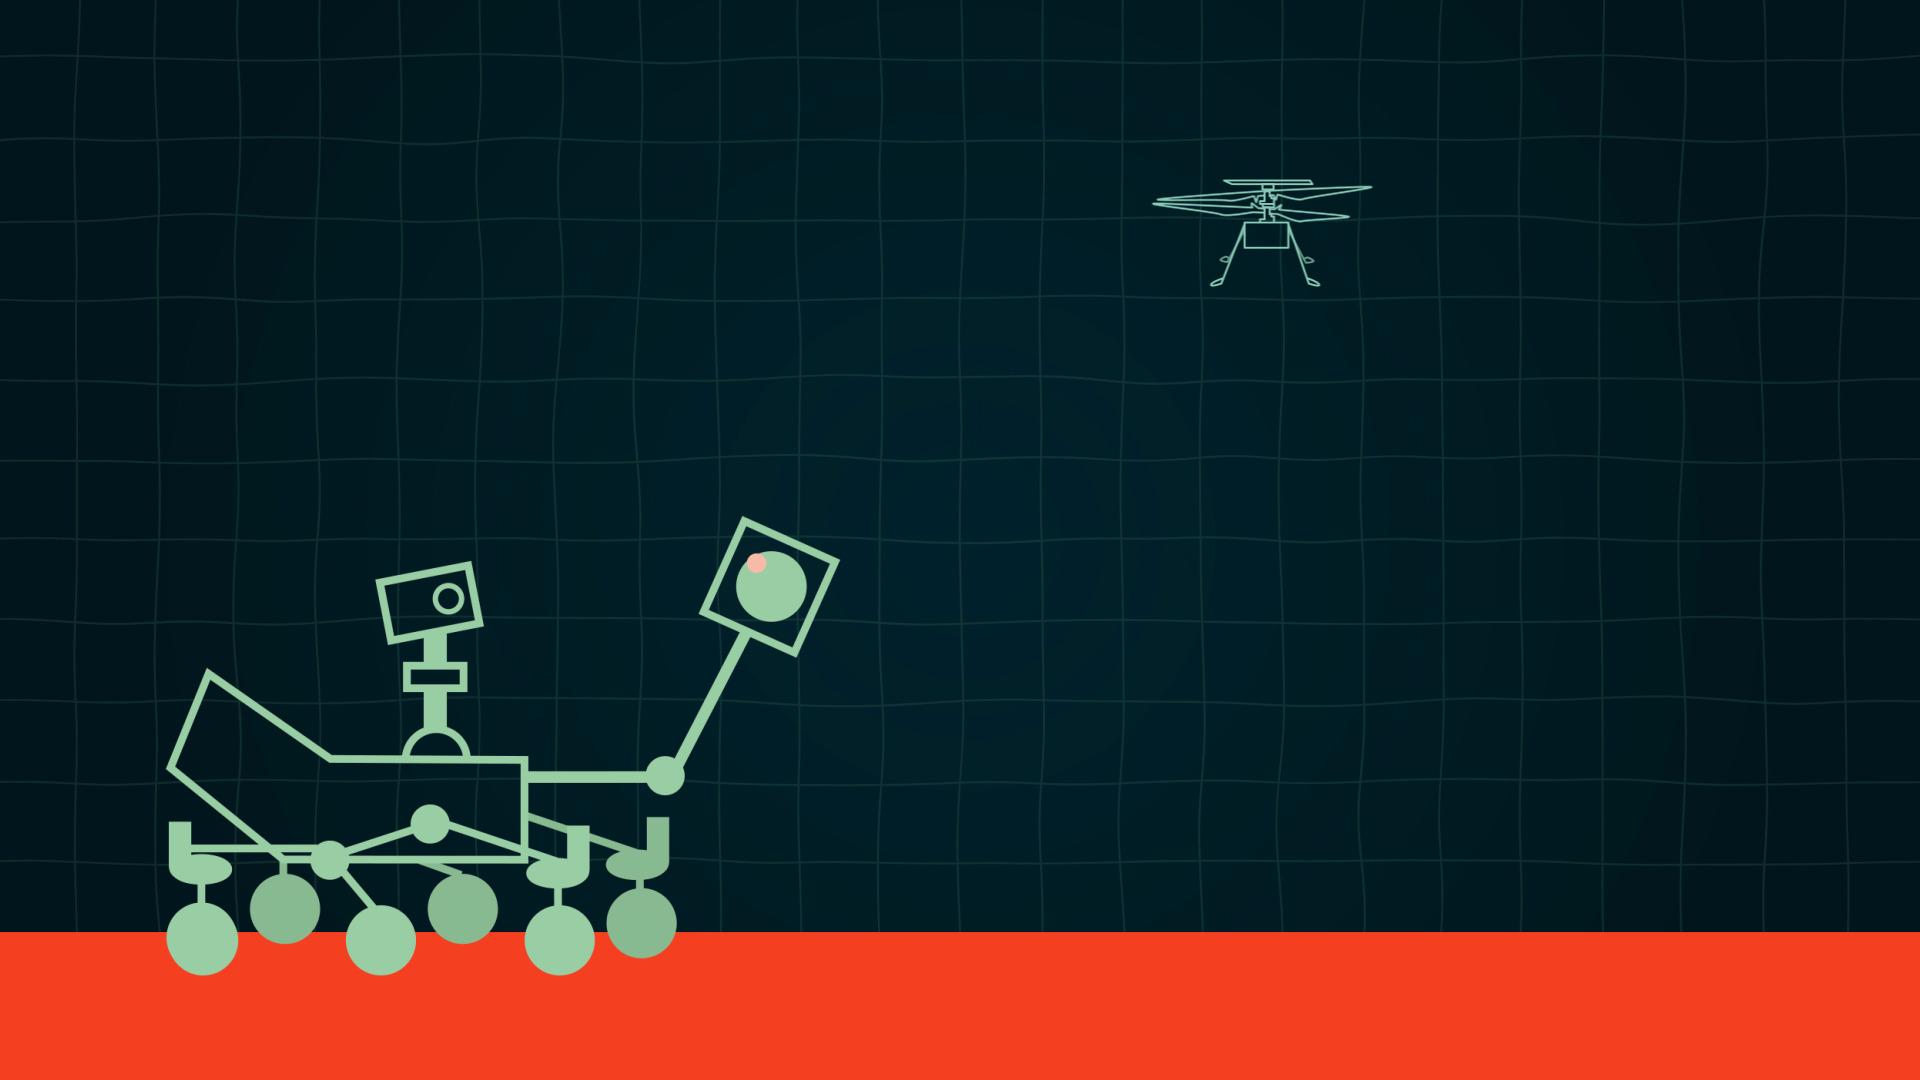 L'hélicoptère Ingenuity va reprendre les vols sur Mars